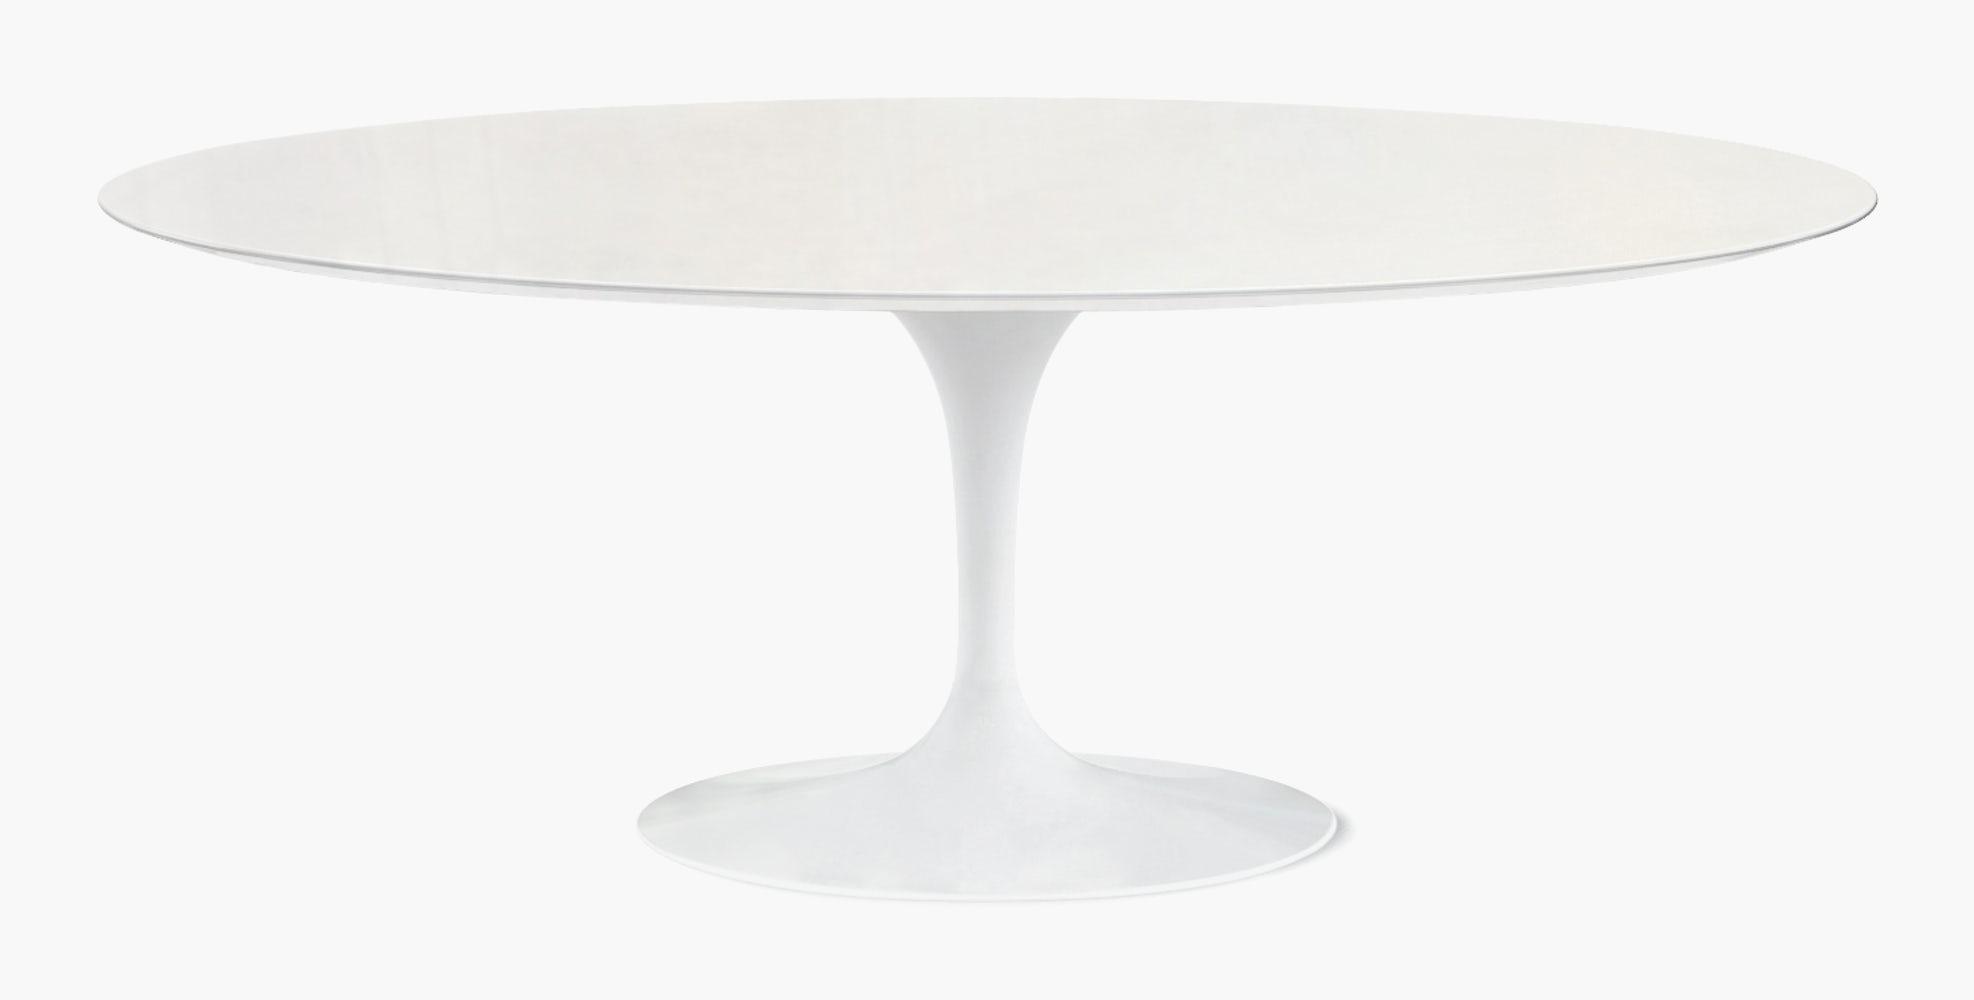 Saarinen Outdoor Dining Table